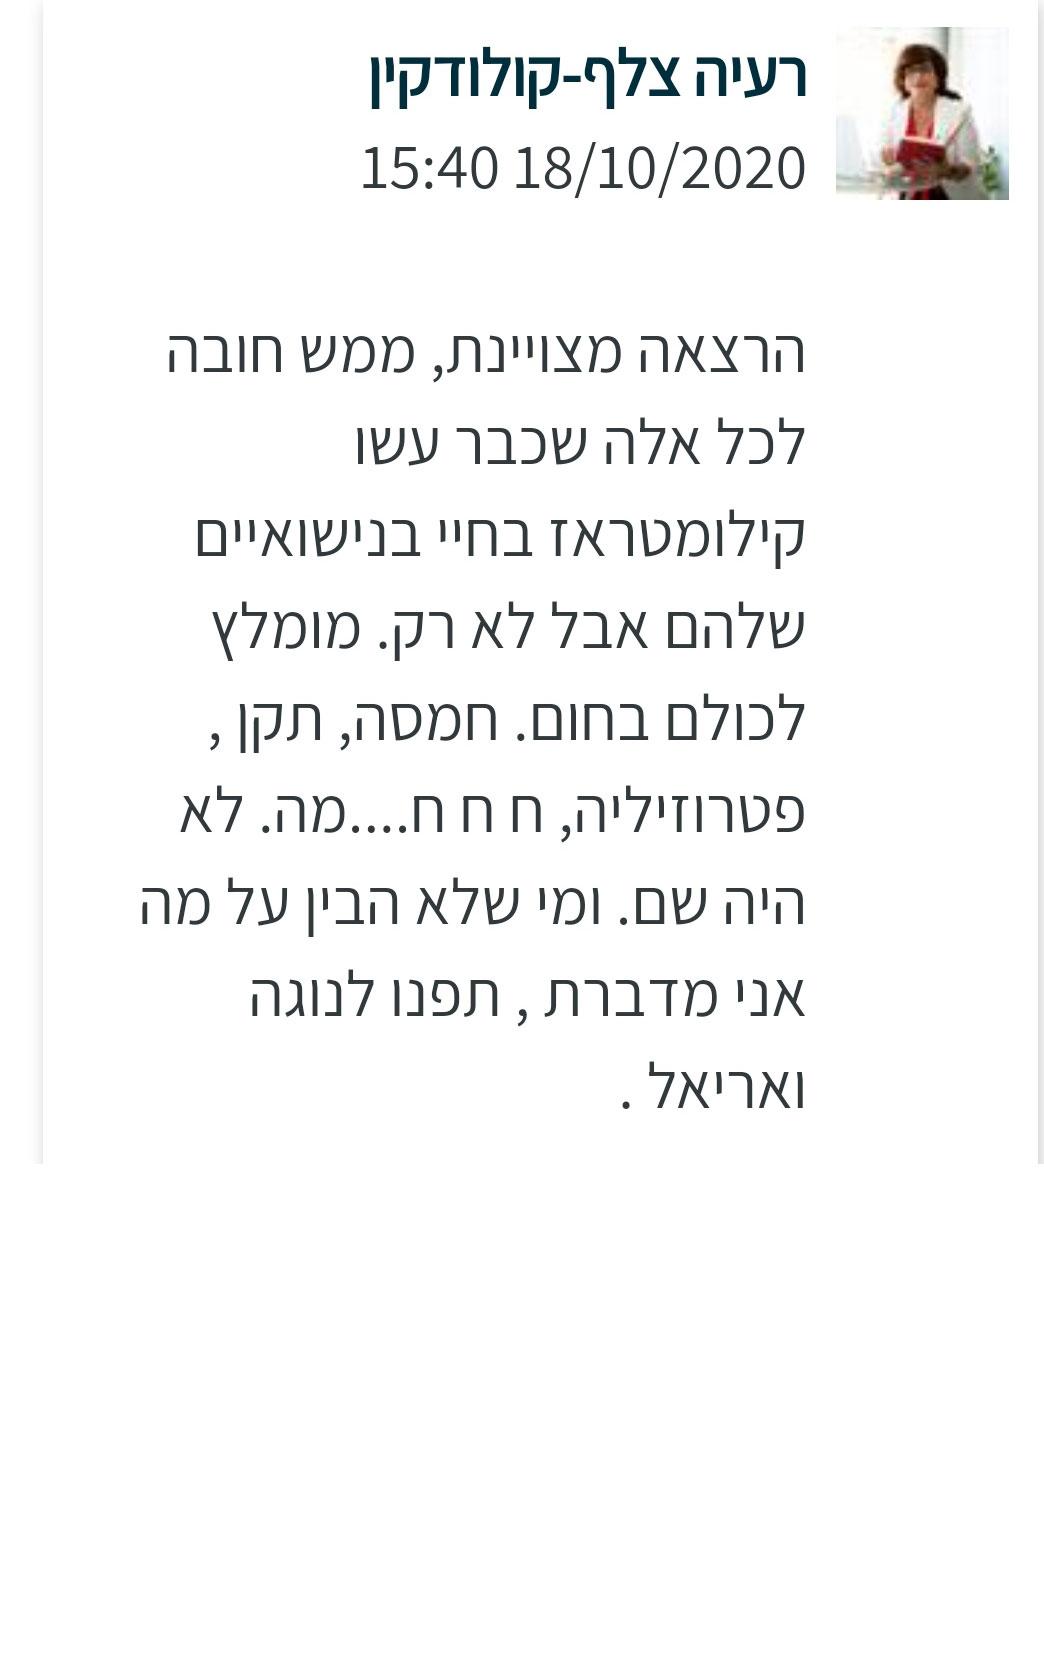 המלצה על נוגה ואריאל טמיר מאת רעיה צלף קולודקין